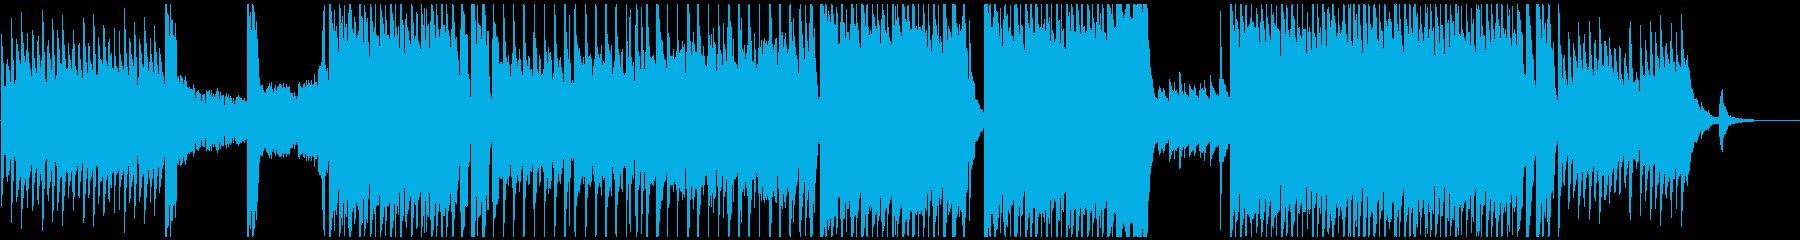 エレキギターの勢いがあるハロウィン曲の再生済みの波形